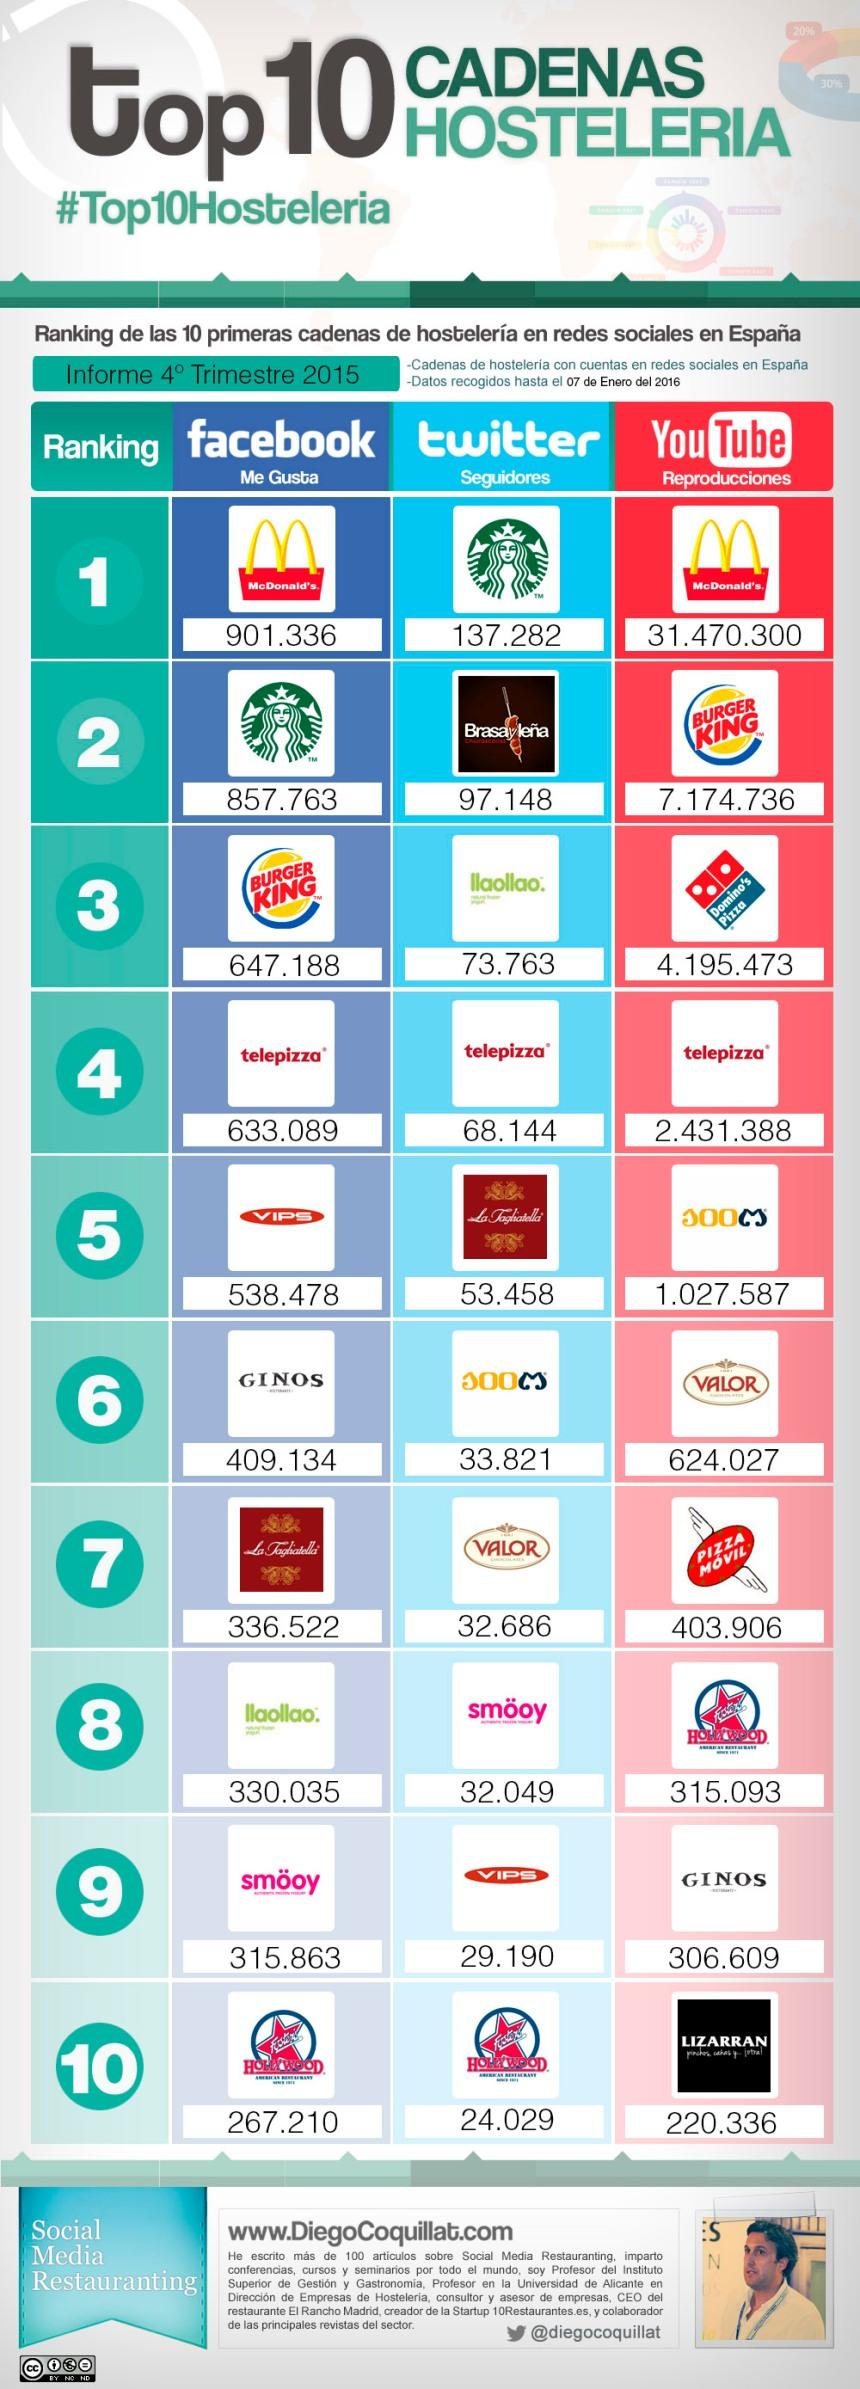 Top 10 cadenas hostelería en Redes Sociales (España 4T/2015)